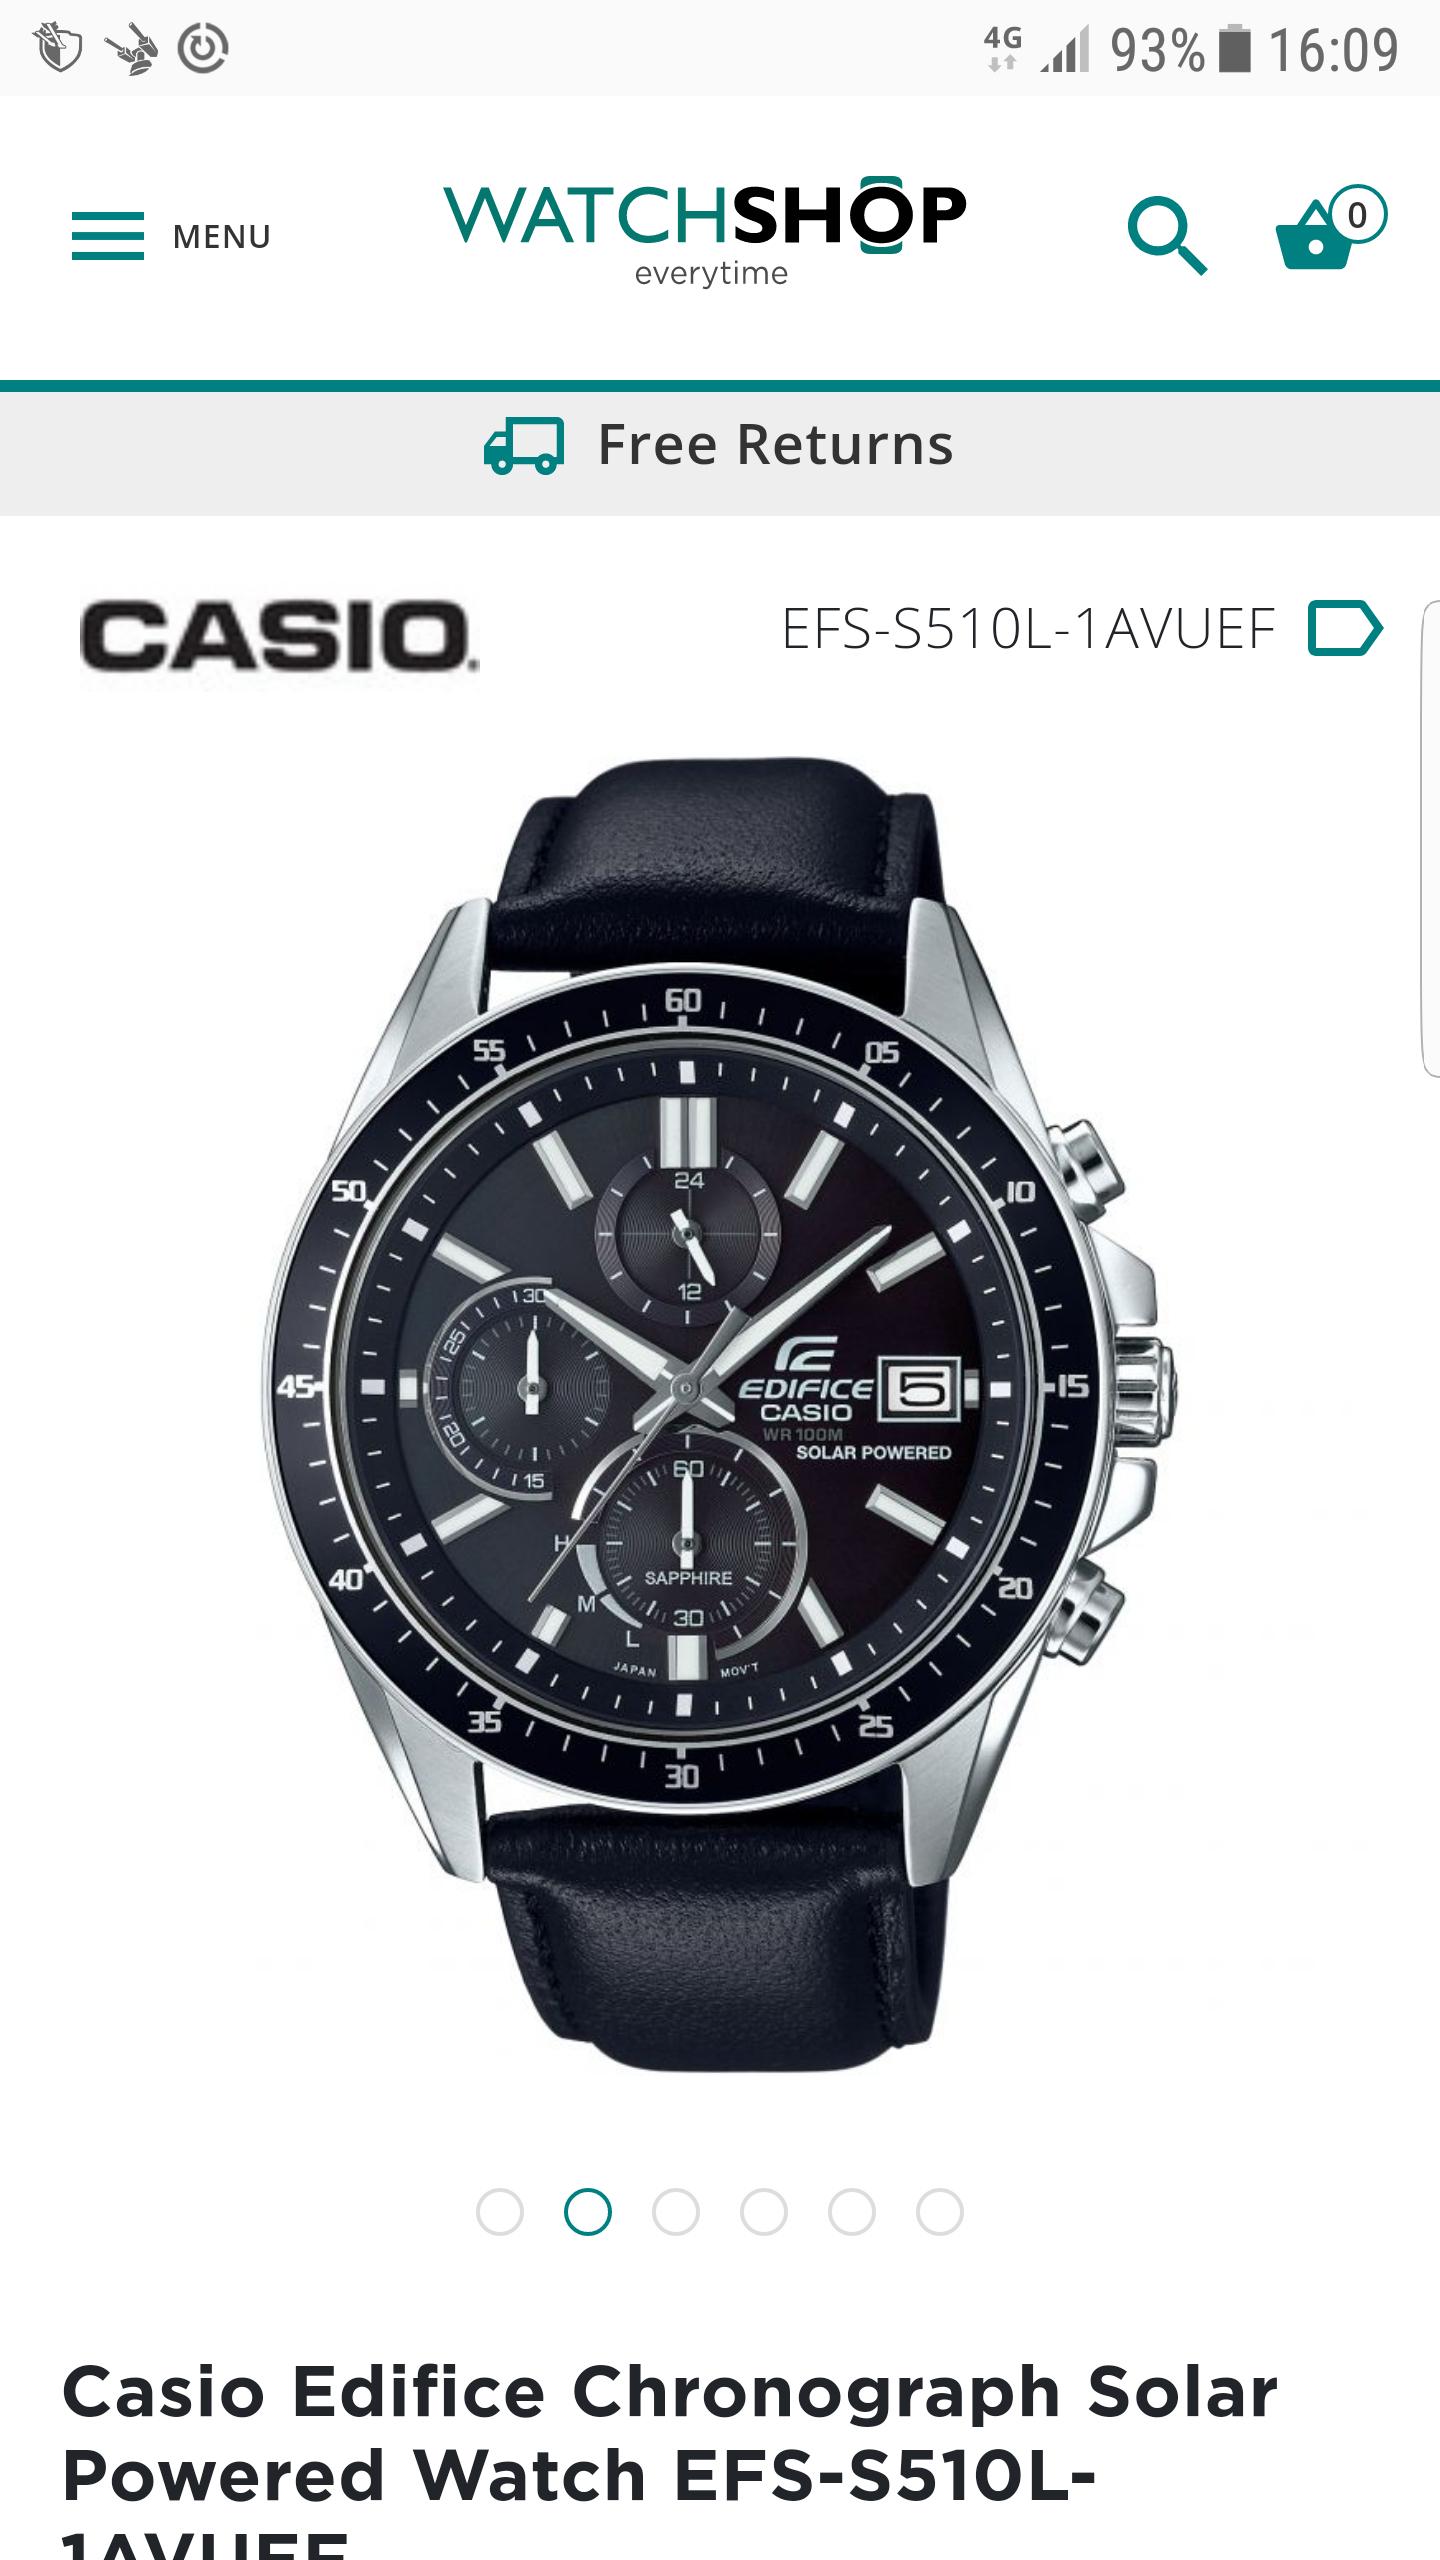 Casio Edifice Chronograph Solar Powered Watch EFS-S510L-1AVUEF £91.52 @ Watch shop